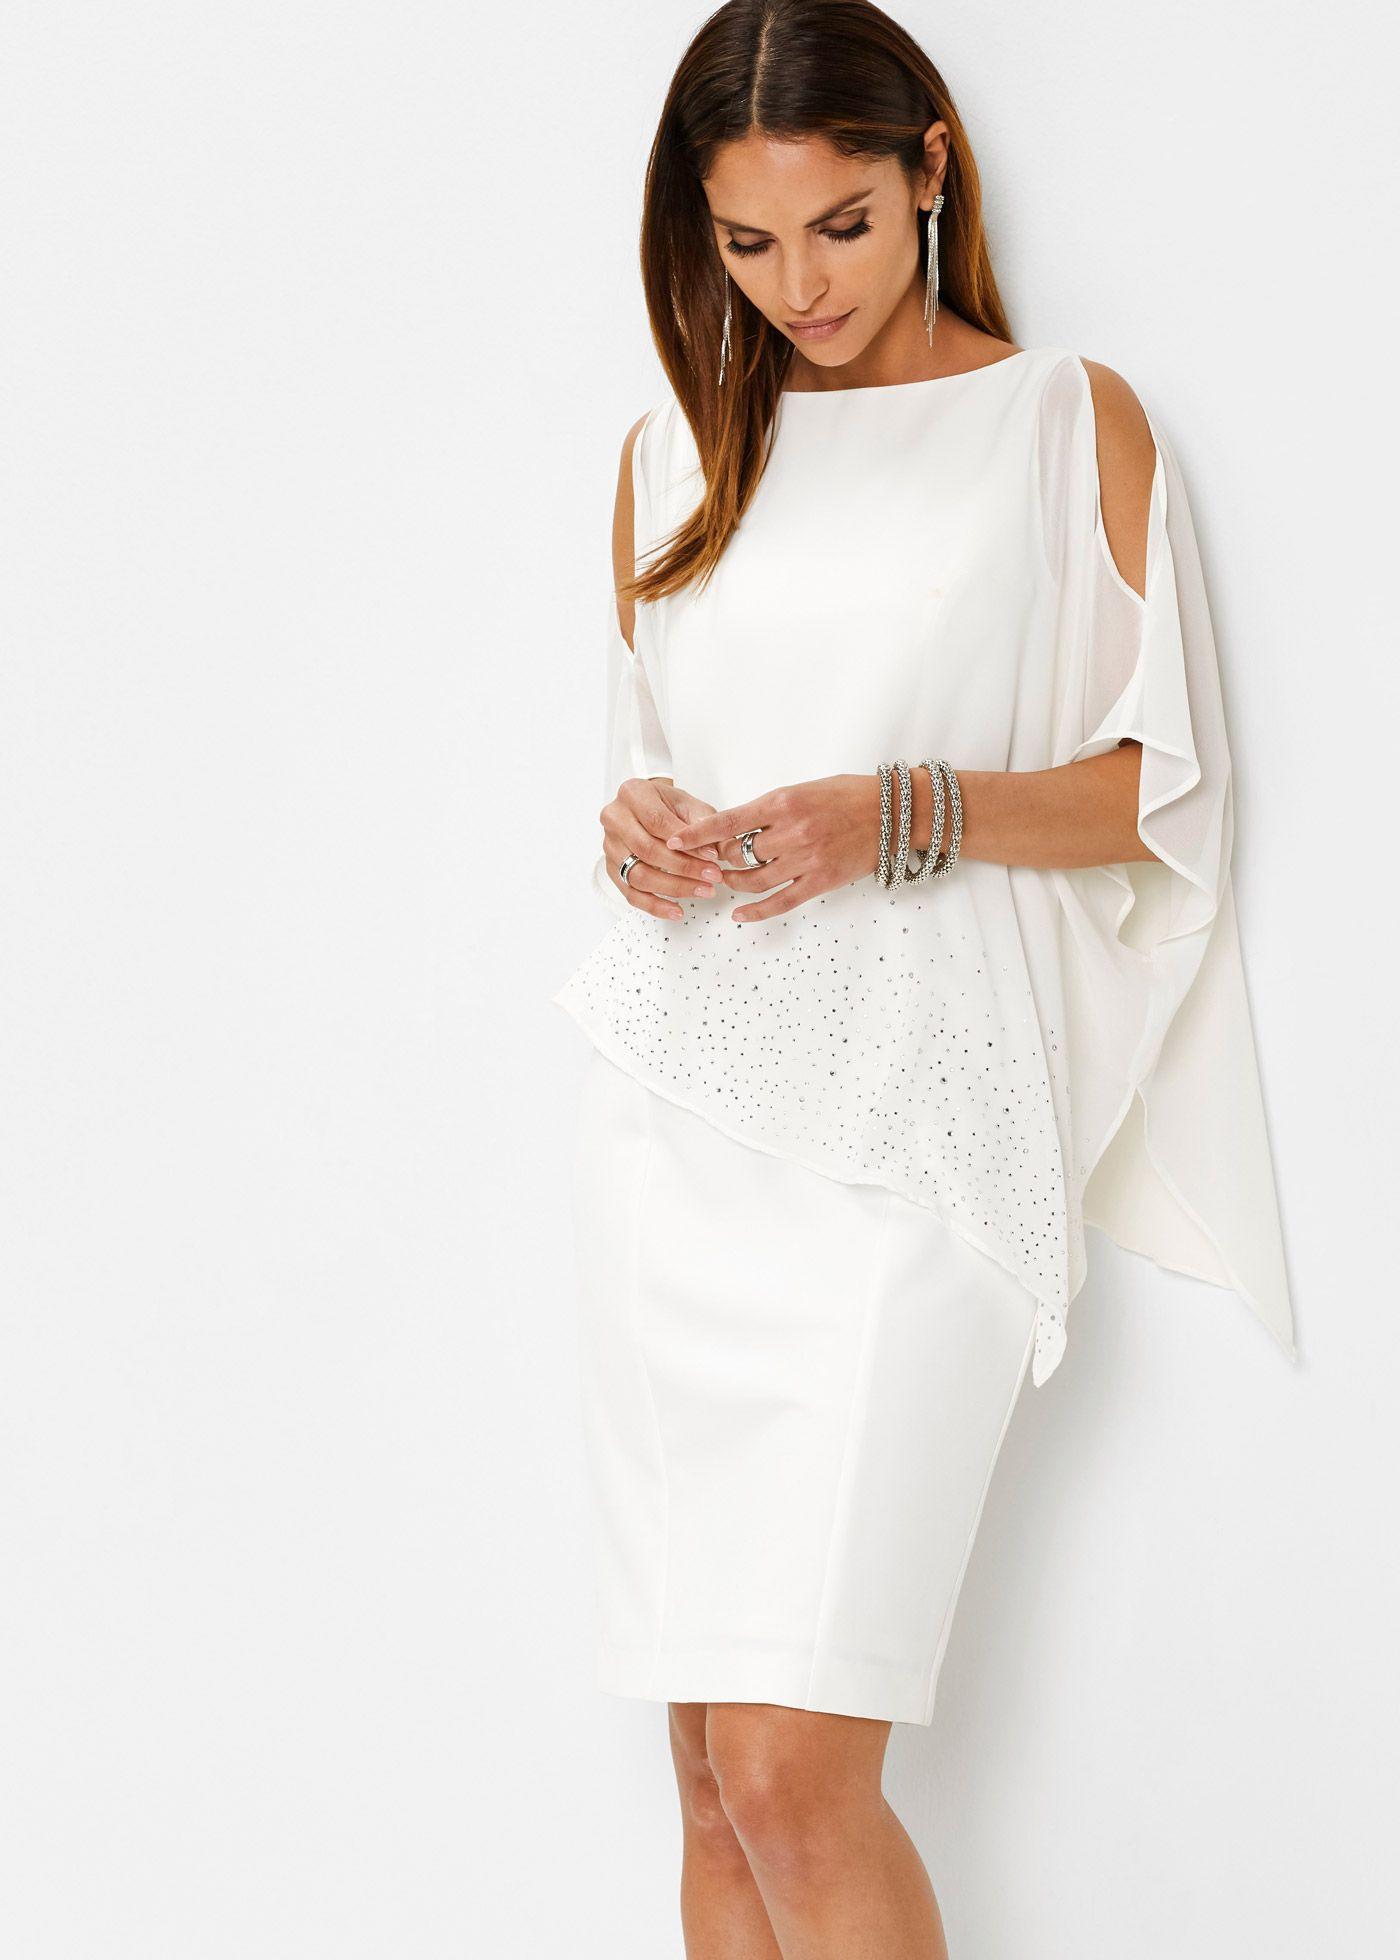 13 Einfach Weißes Kleid Mit Glitzer Vertrieb10 Schön Weißes Kleid Mit Glitzer Vertrieb